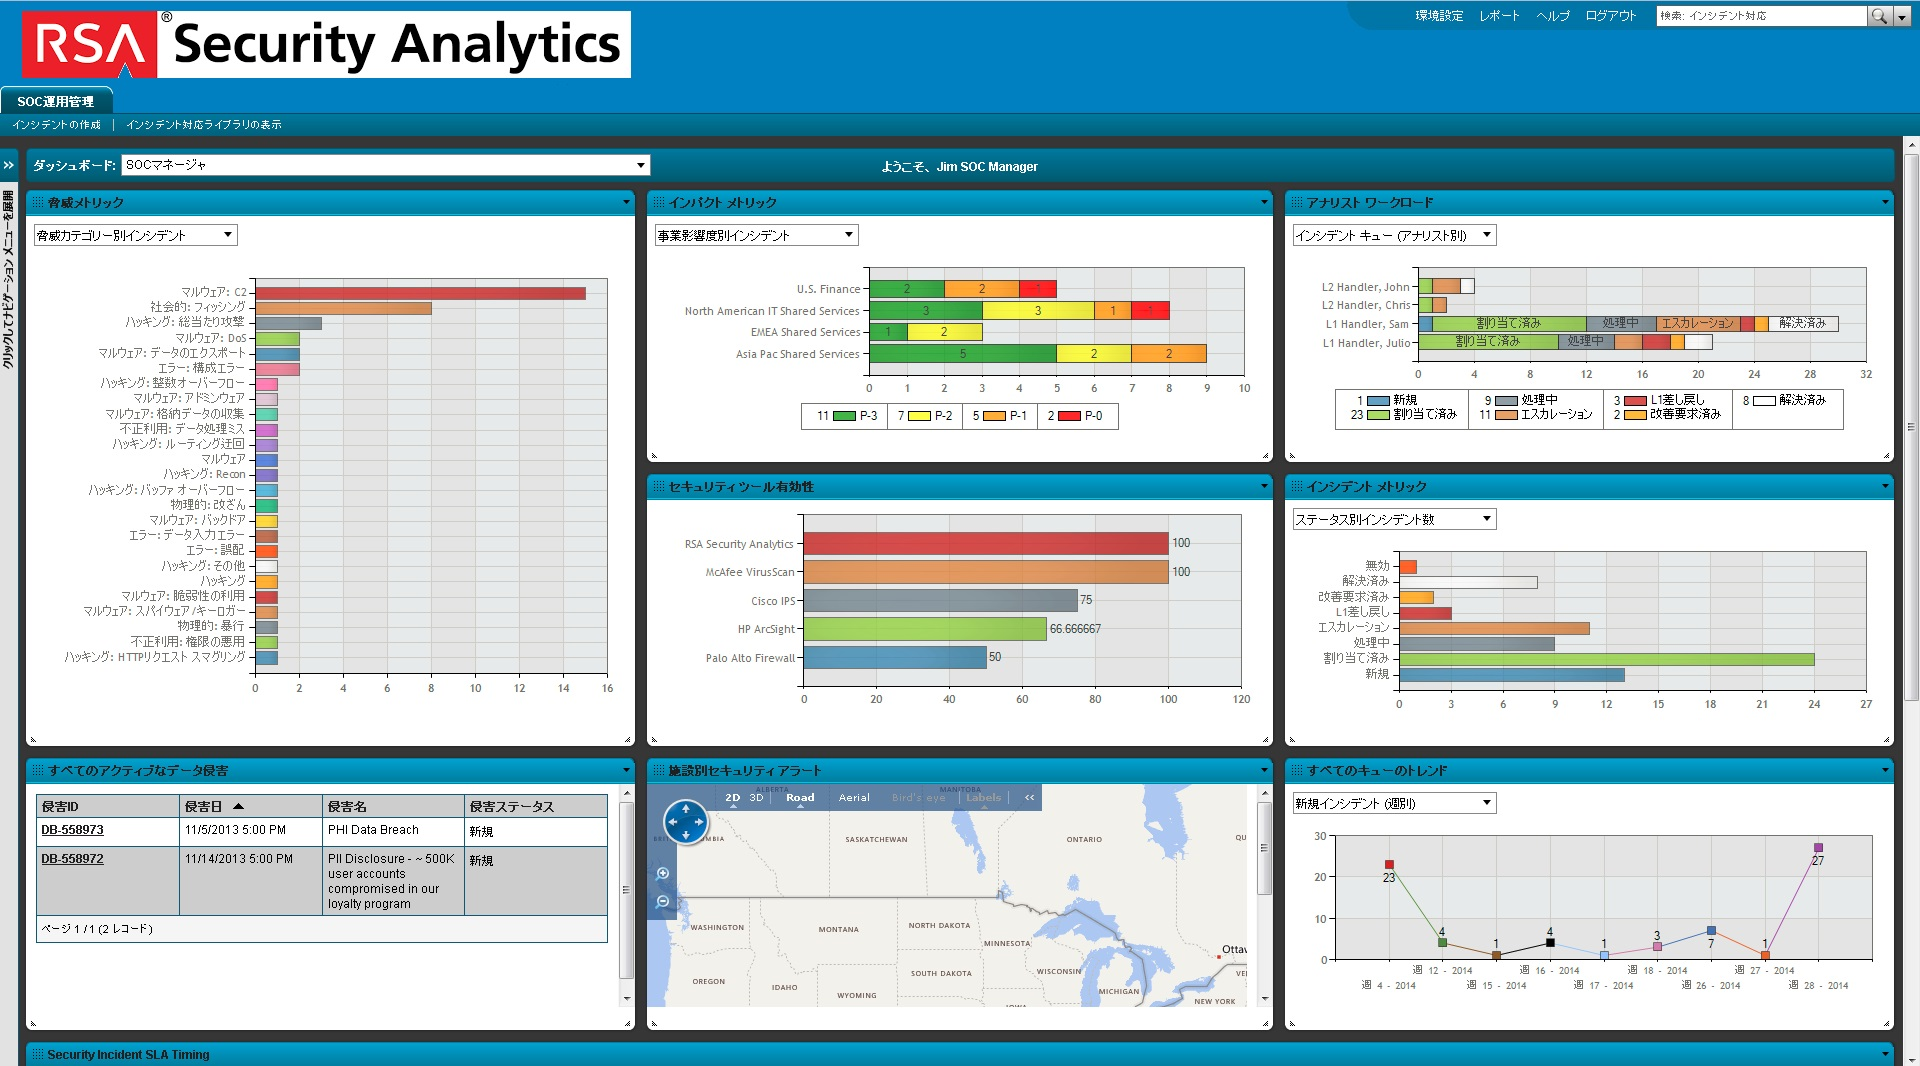 脅威検出/分析プラットフォーム RSA Security Analytics